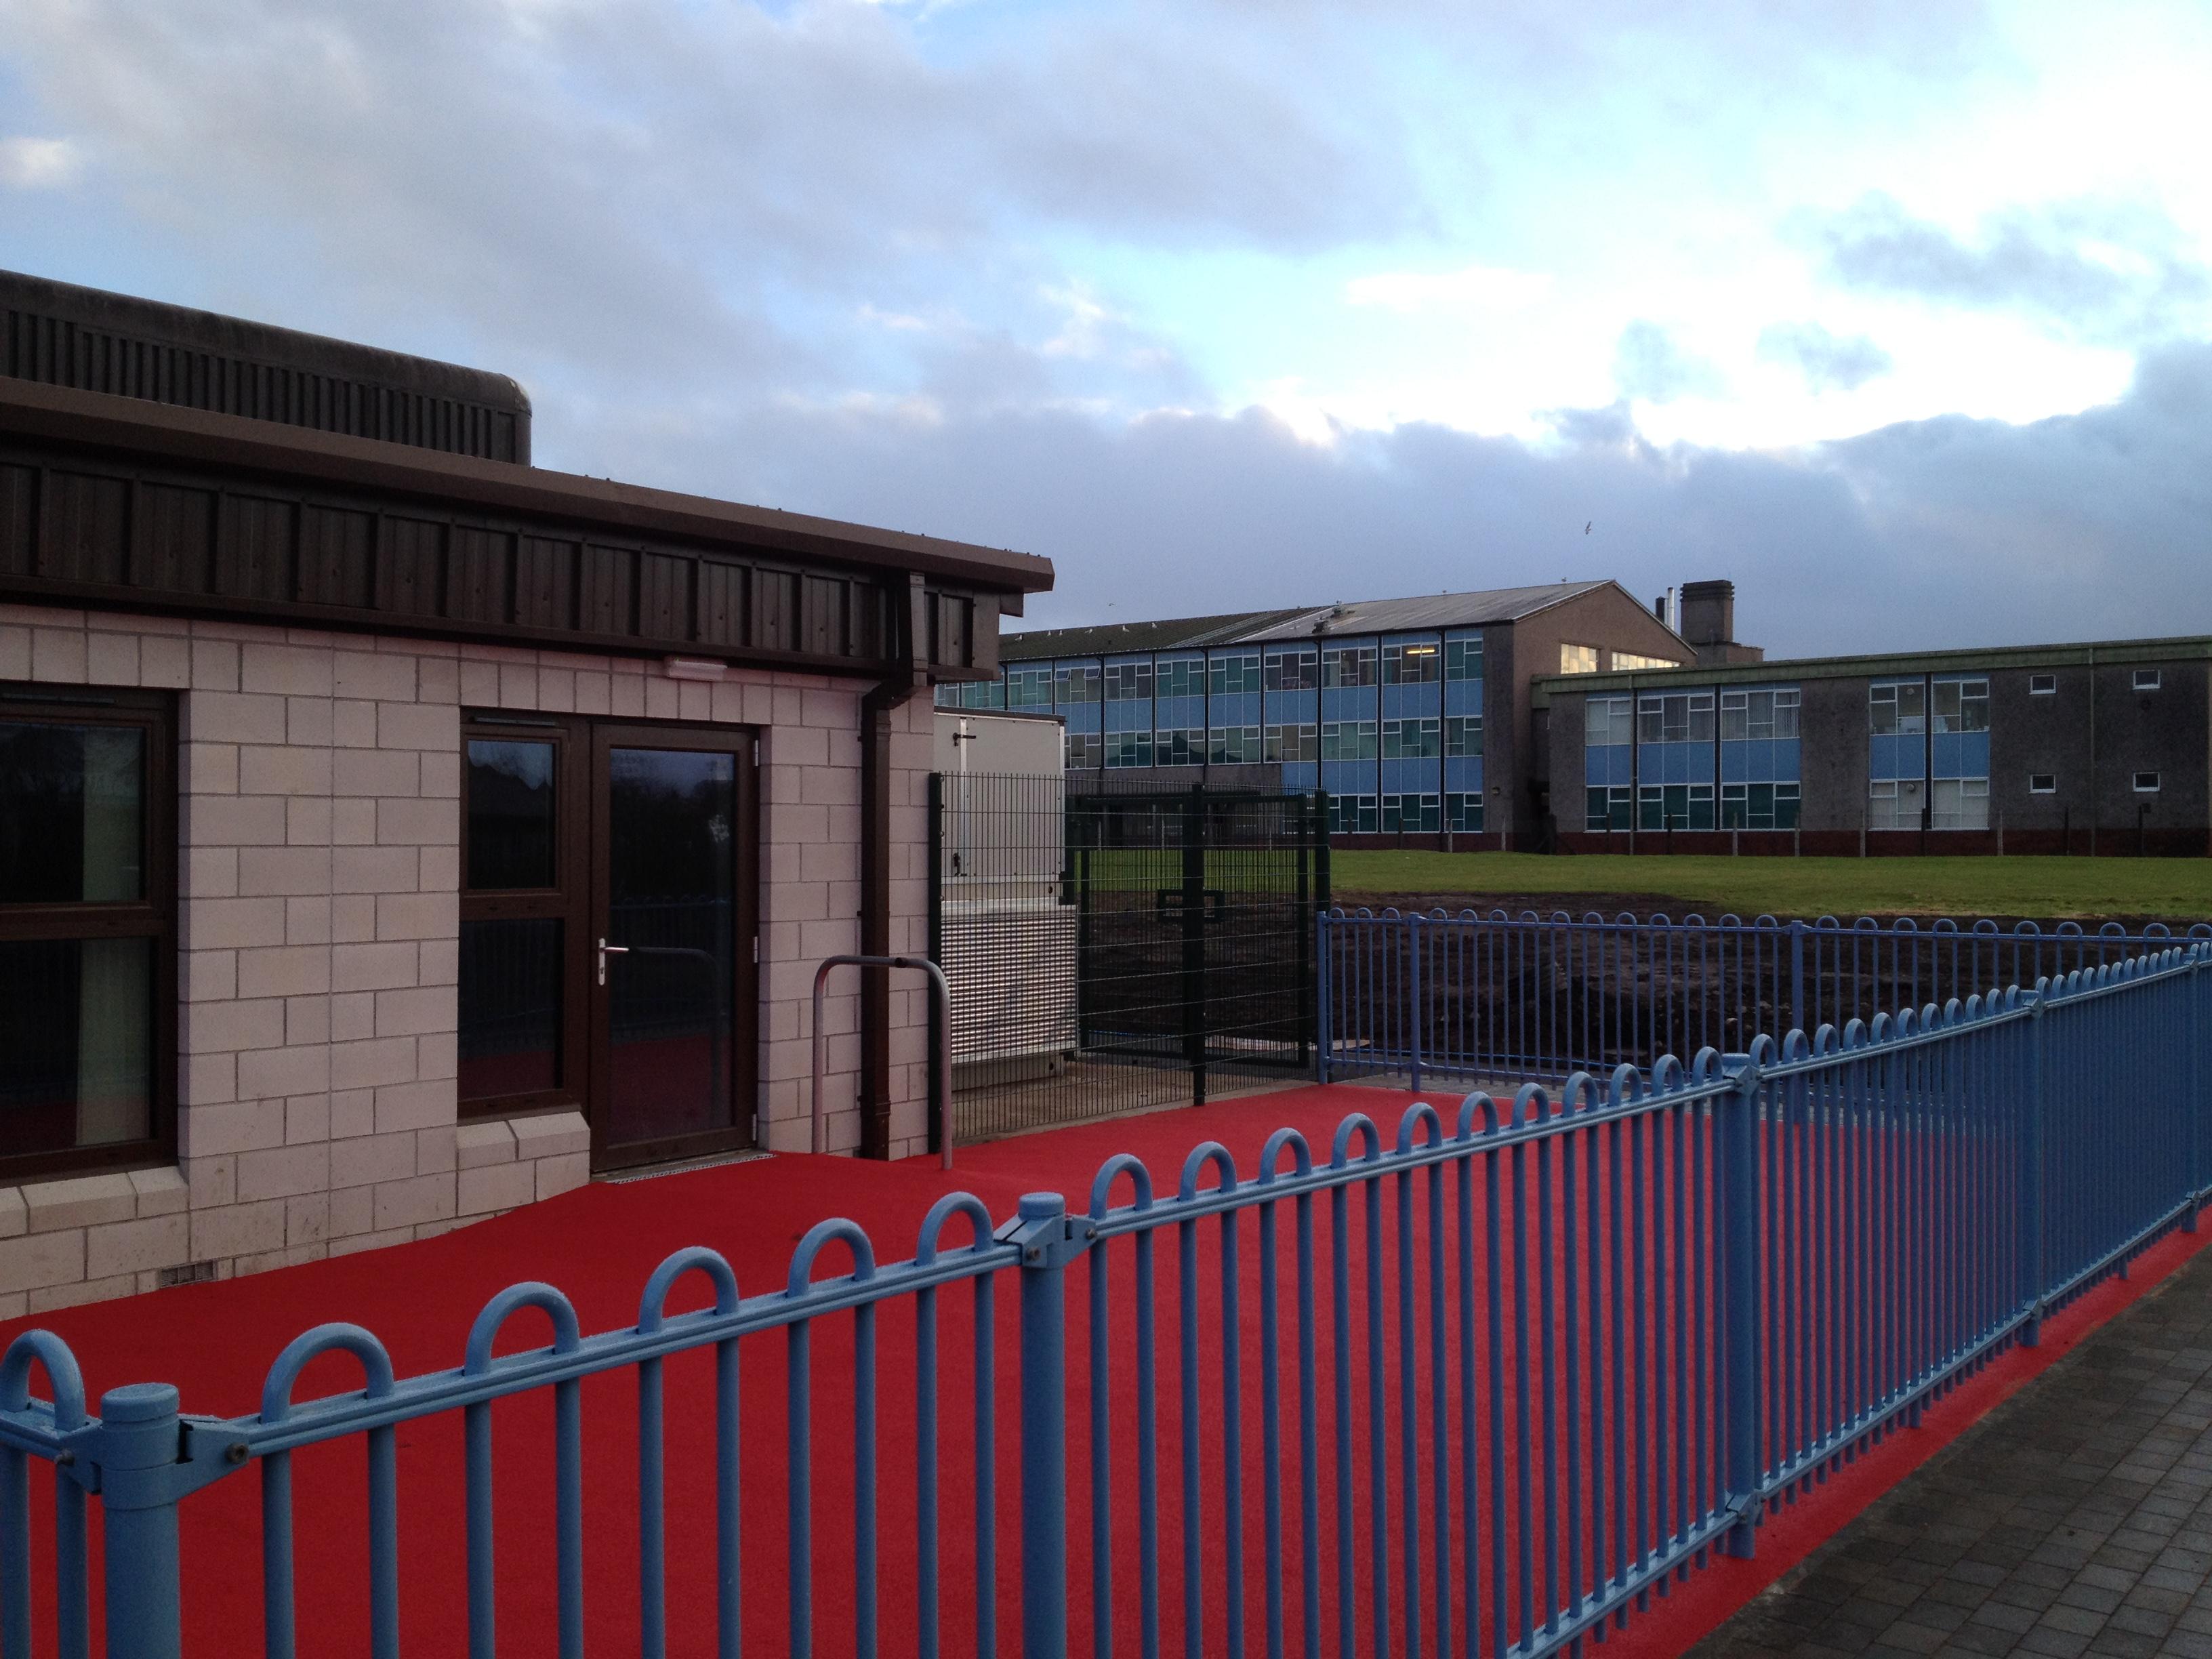 Cr Che Invergordon Leisure Centre